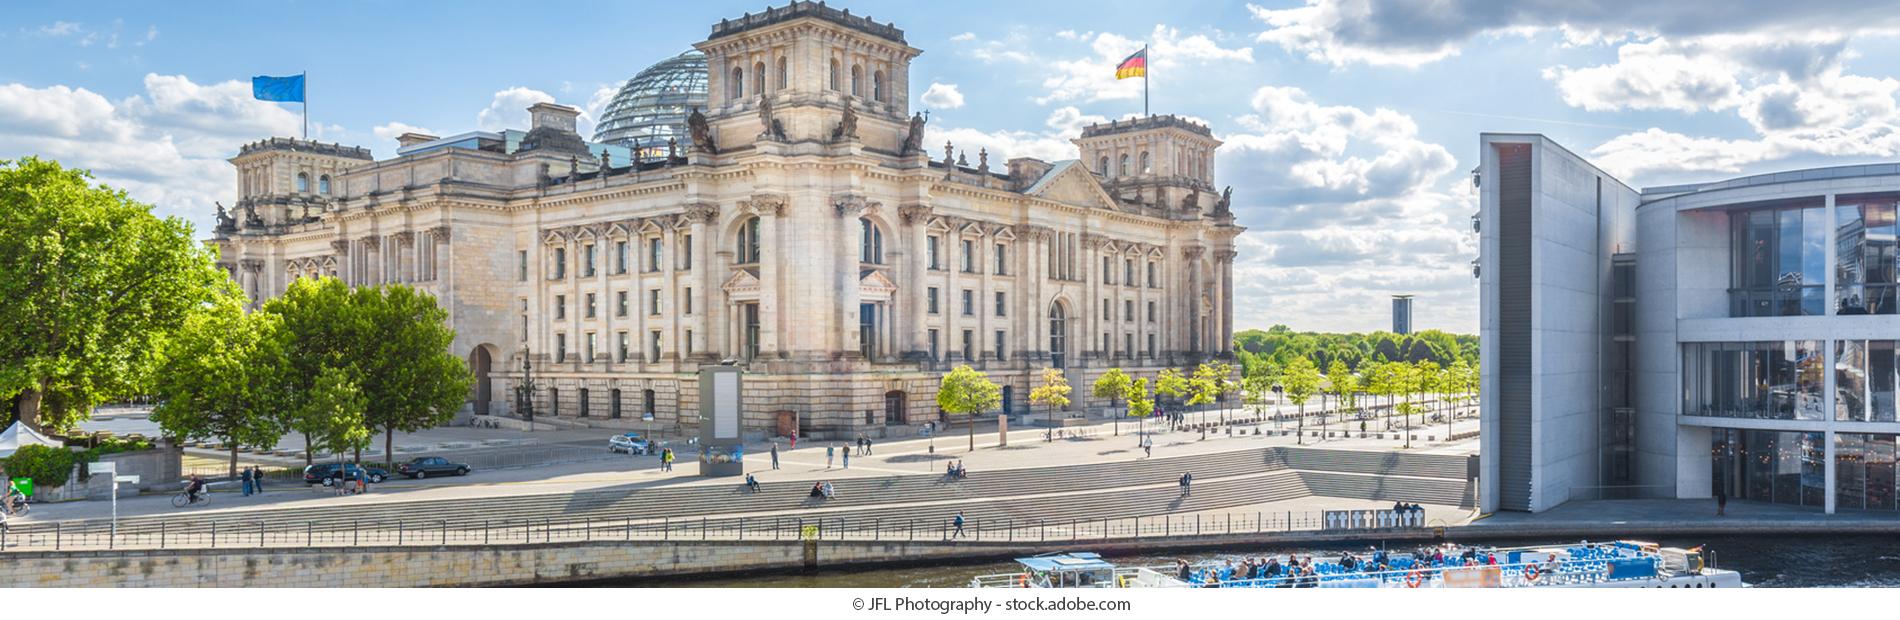 Berlin_Reichstag_138699045_M_webC